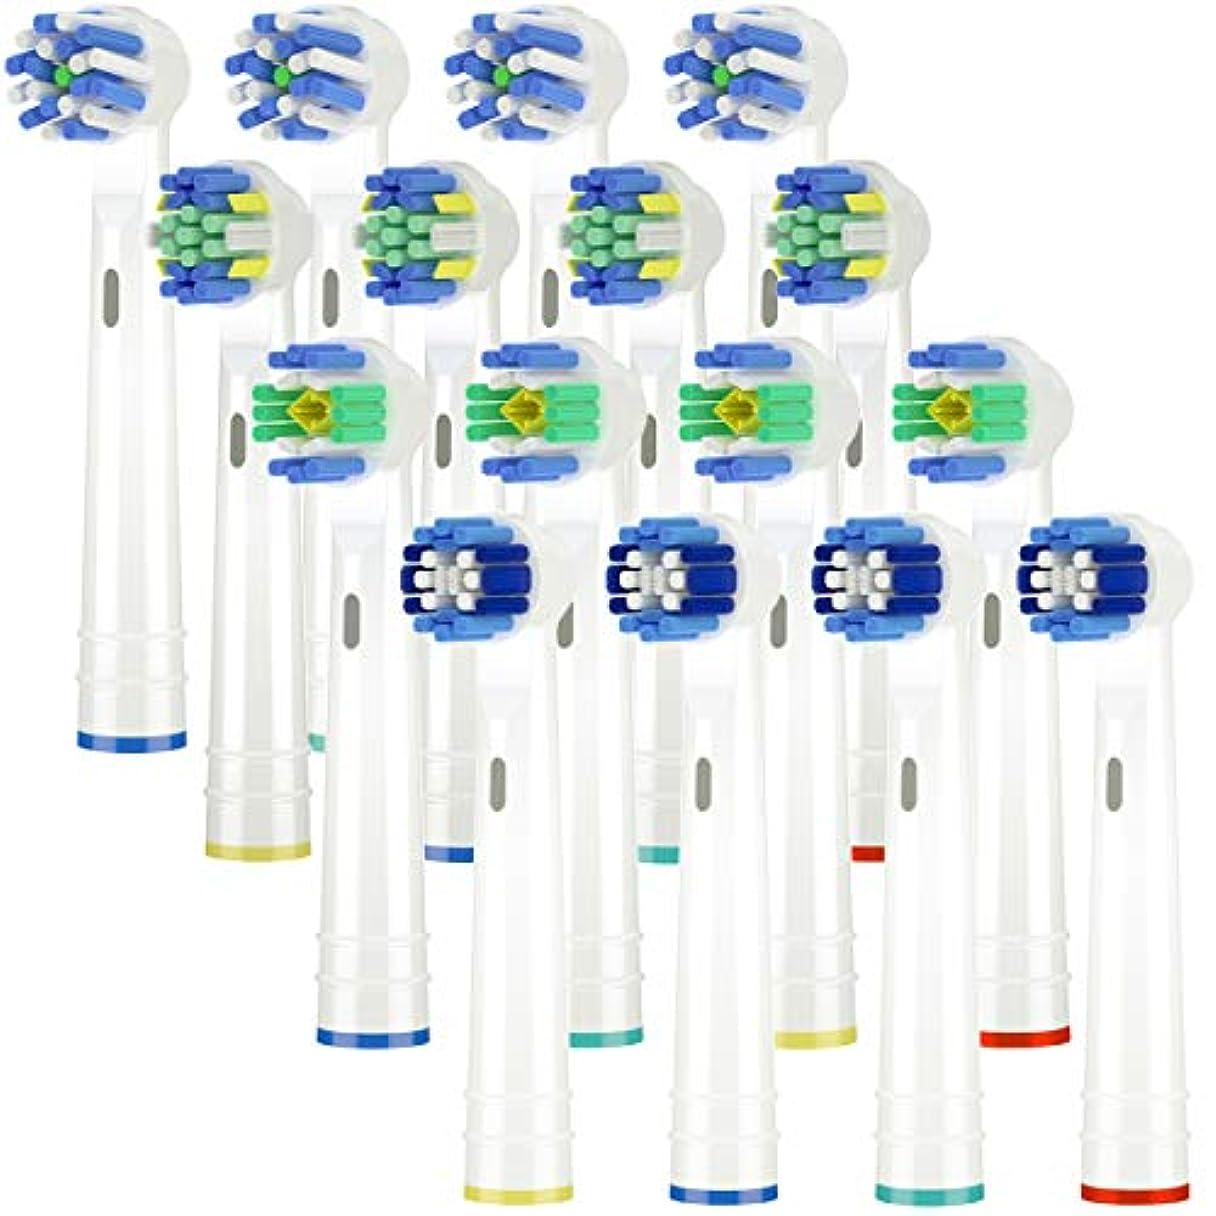 パフ違う社説Itechnik 電動歯ブラシ 替えブラシ ブラウン オーラルB 対応 替えブラシ 4種類が入り:ホワイトニングブラシ 、ベーシックブラシ、歯間ワイパー付きブラシ、マルチアクションブラシ 凡用な16本